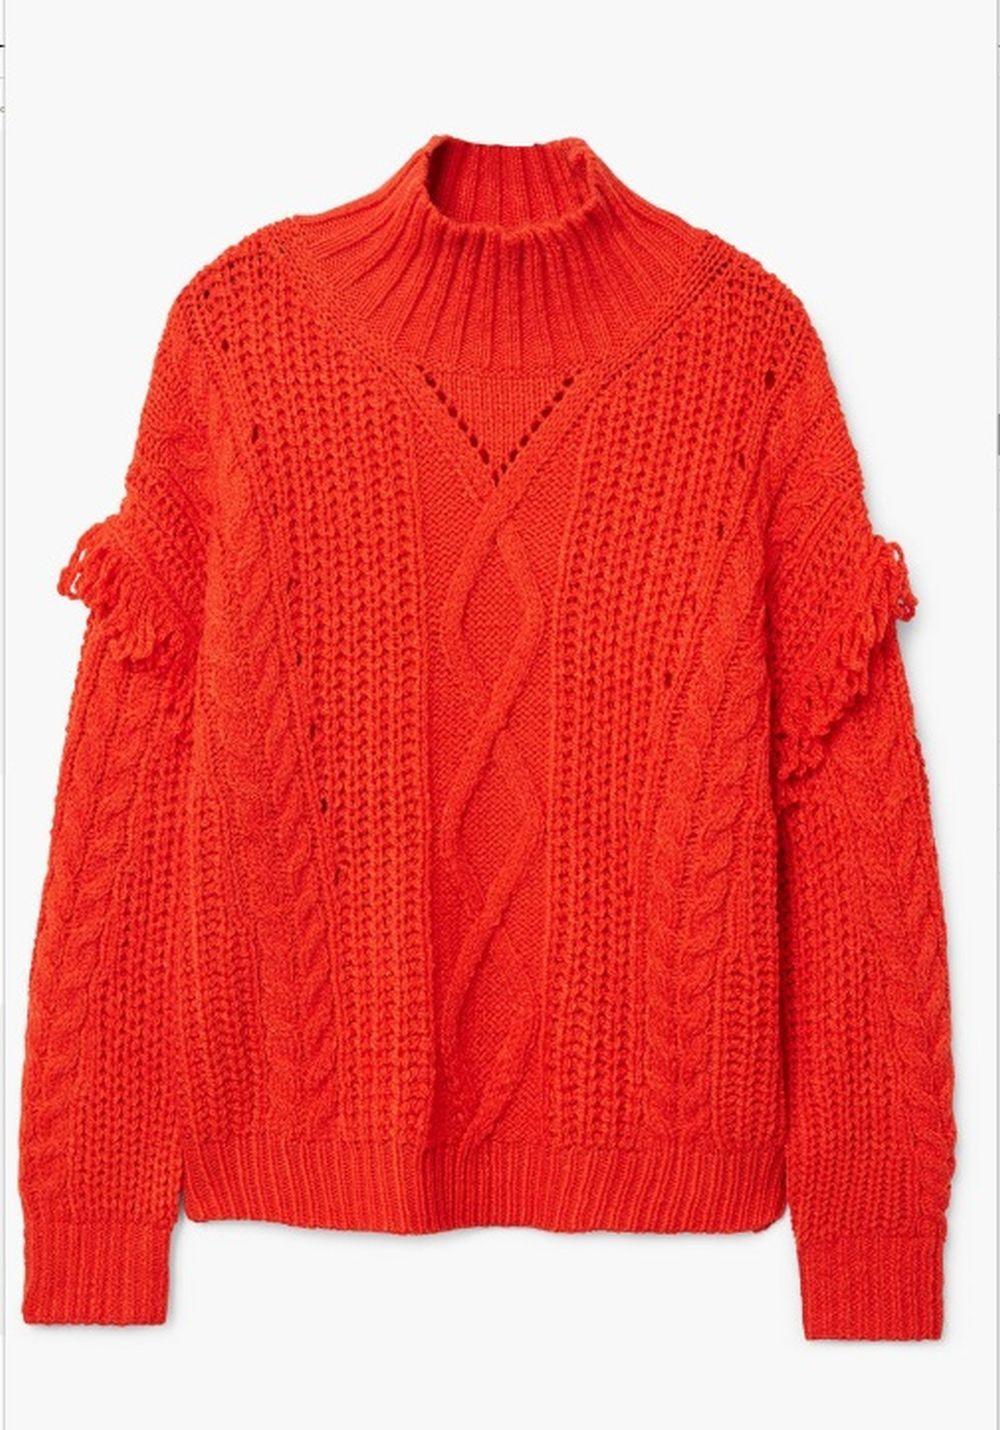 Jersey cuello alto de Mango (29,99 euros)